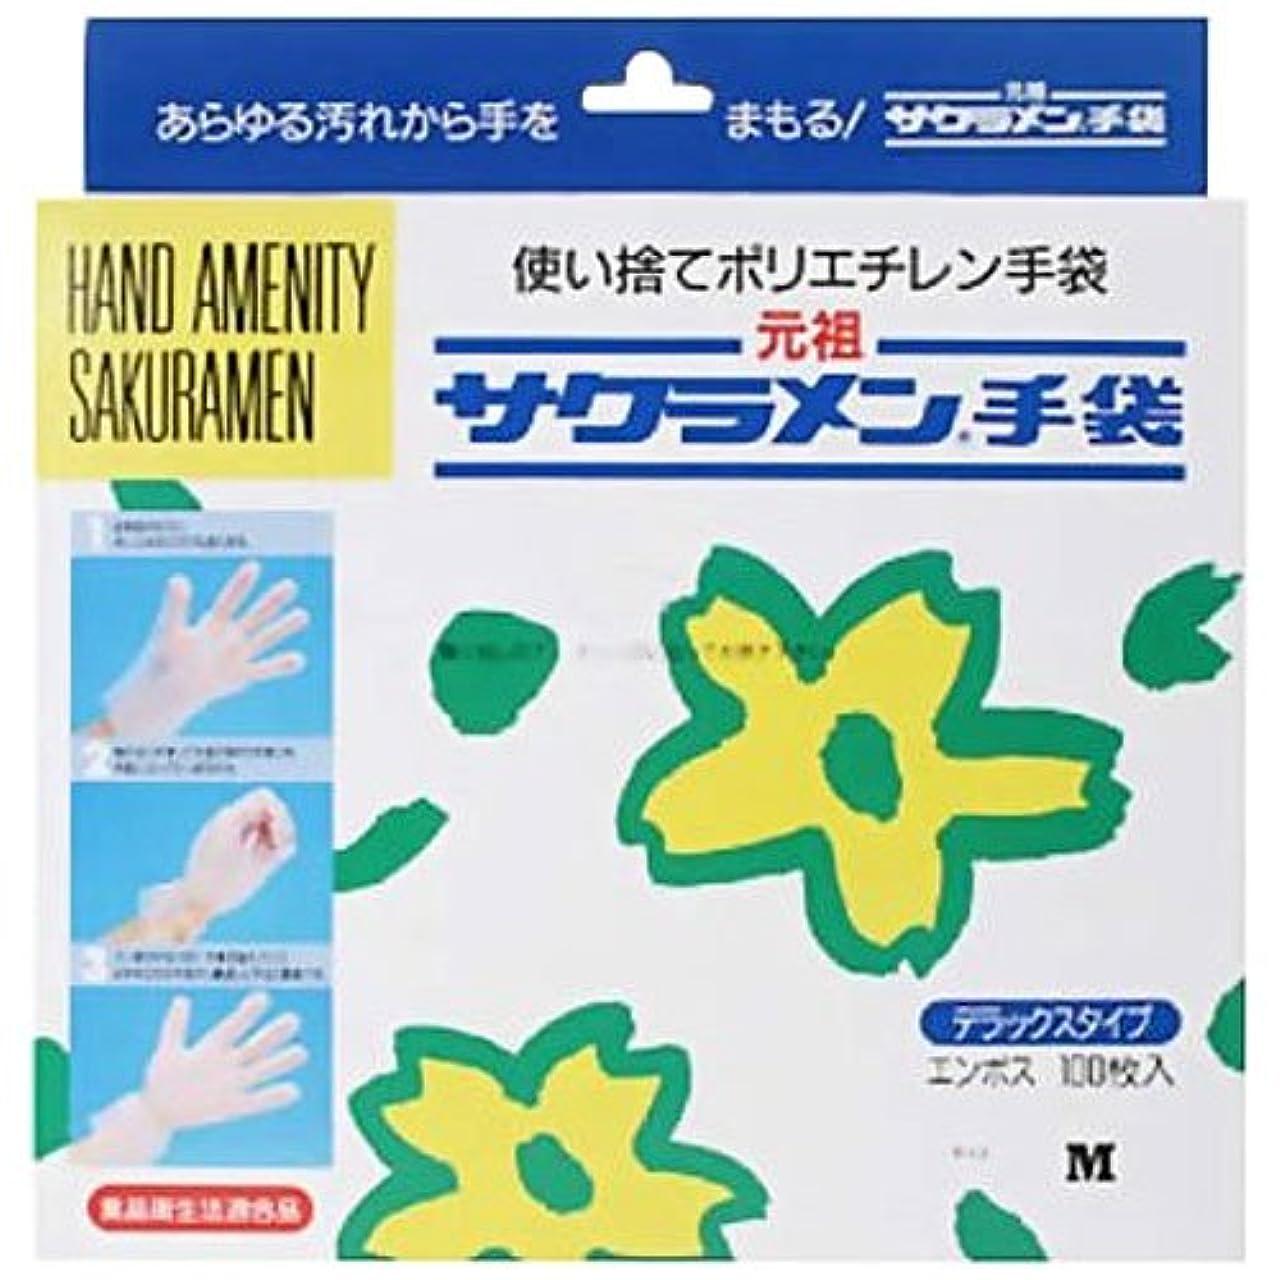 大西洋グリップマトリックスサクラメン手袋 使い捨てポリエチレン手袋 サクラメン手袋 デラックス エンボス M 100枚入 SAE-100M